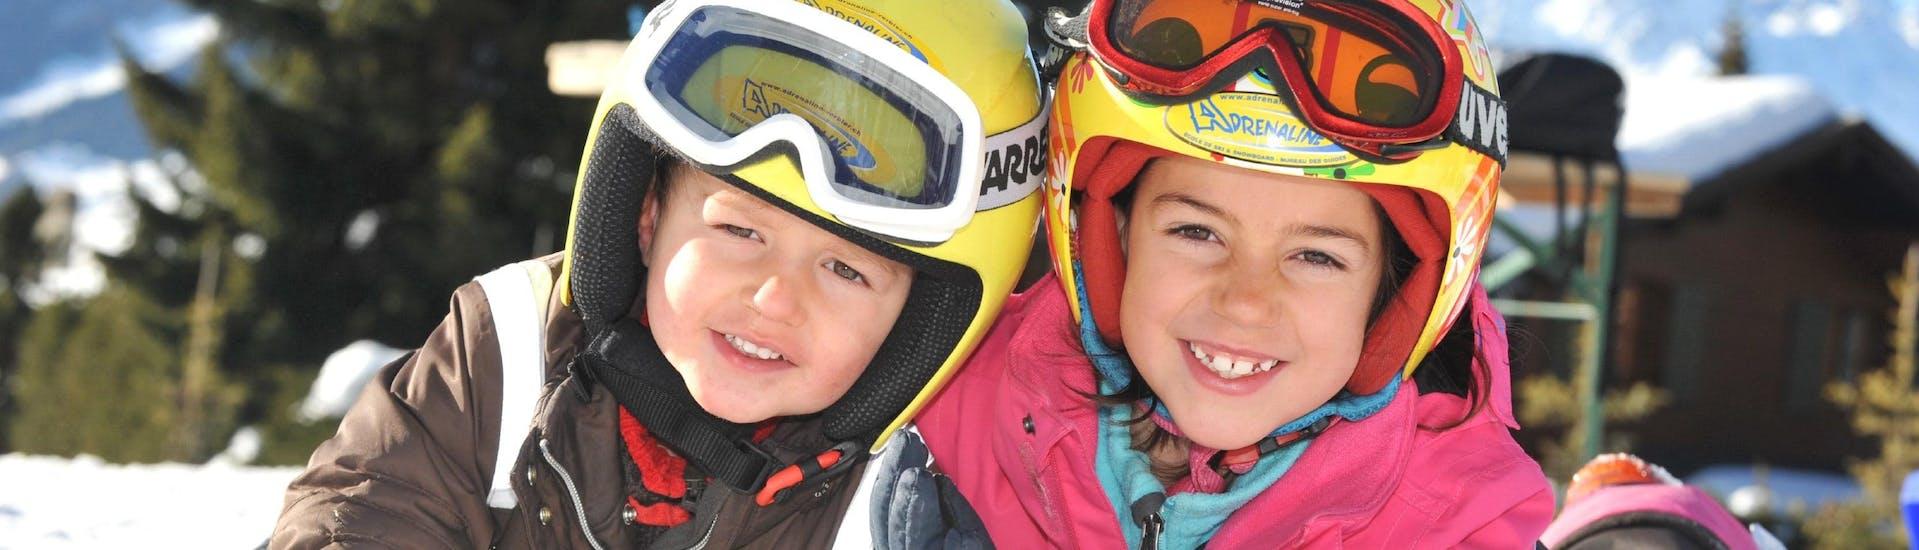 kids-ski-lessons-3-6-y-adrenaline-verbier-hero